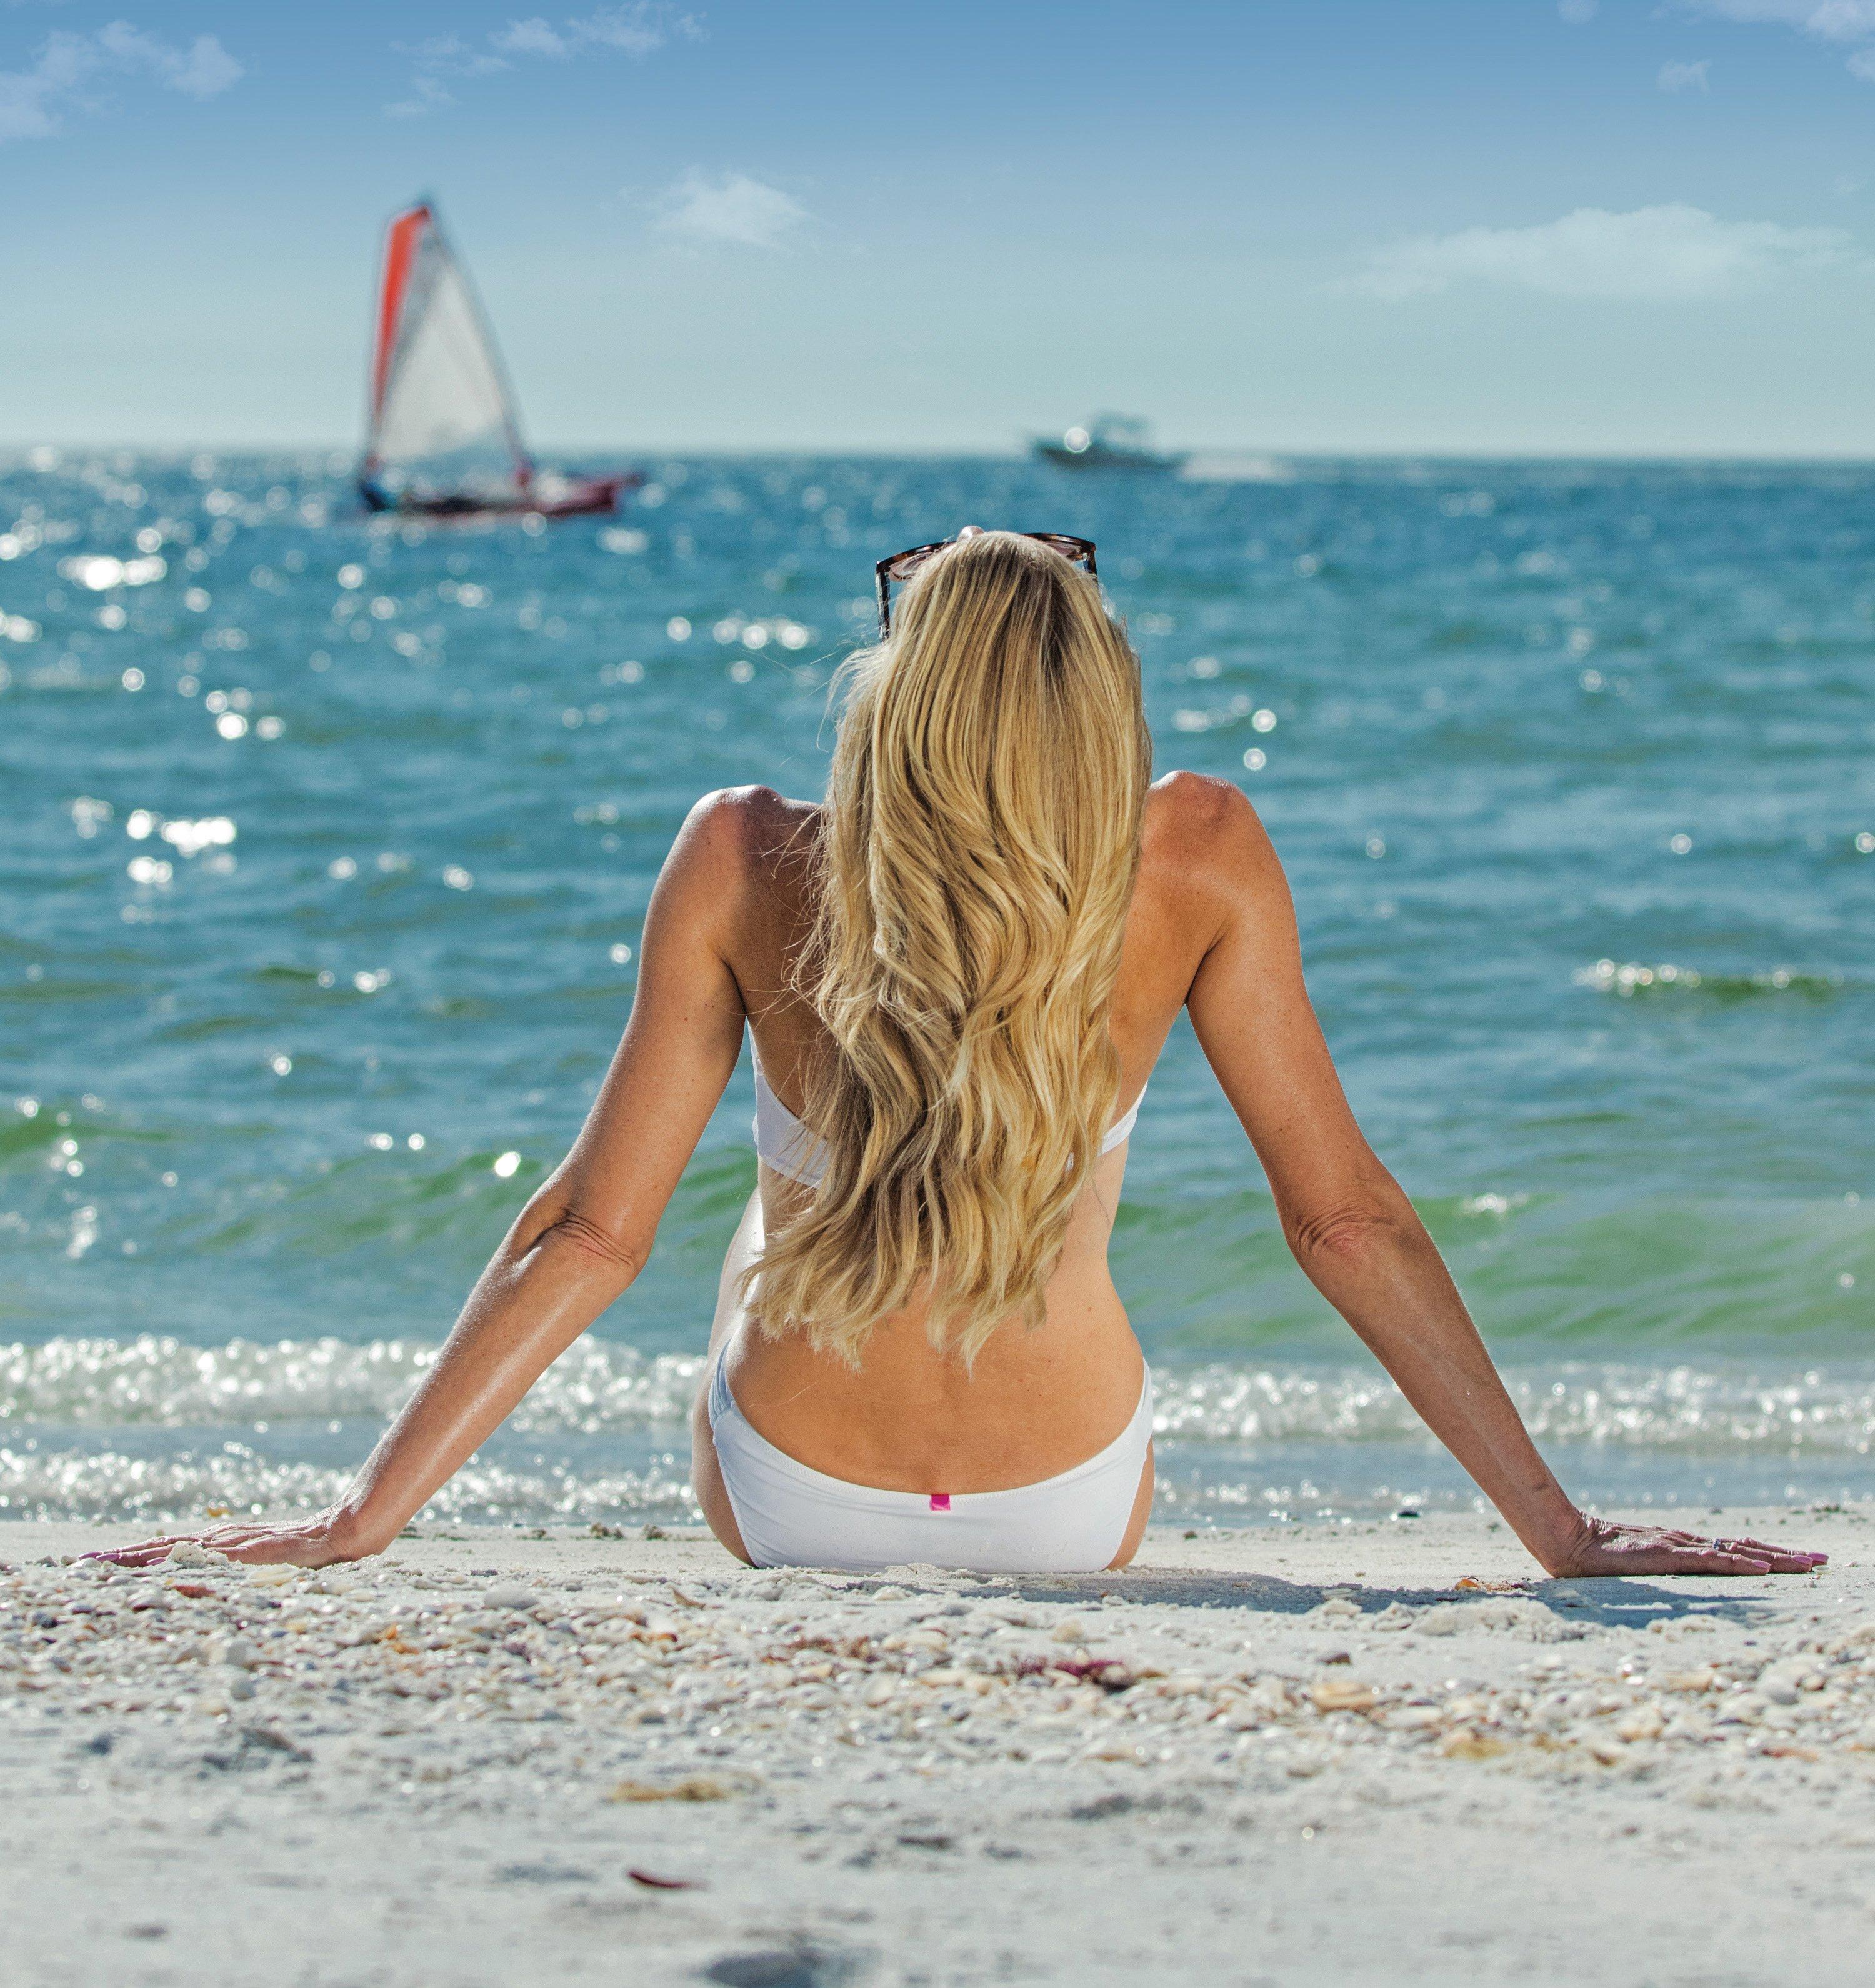 beach_elka_hair_image.jpg